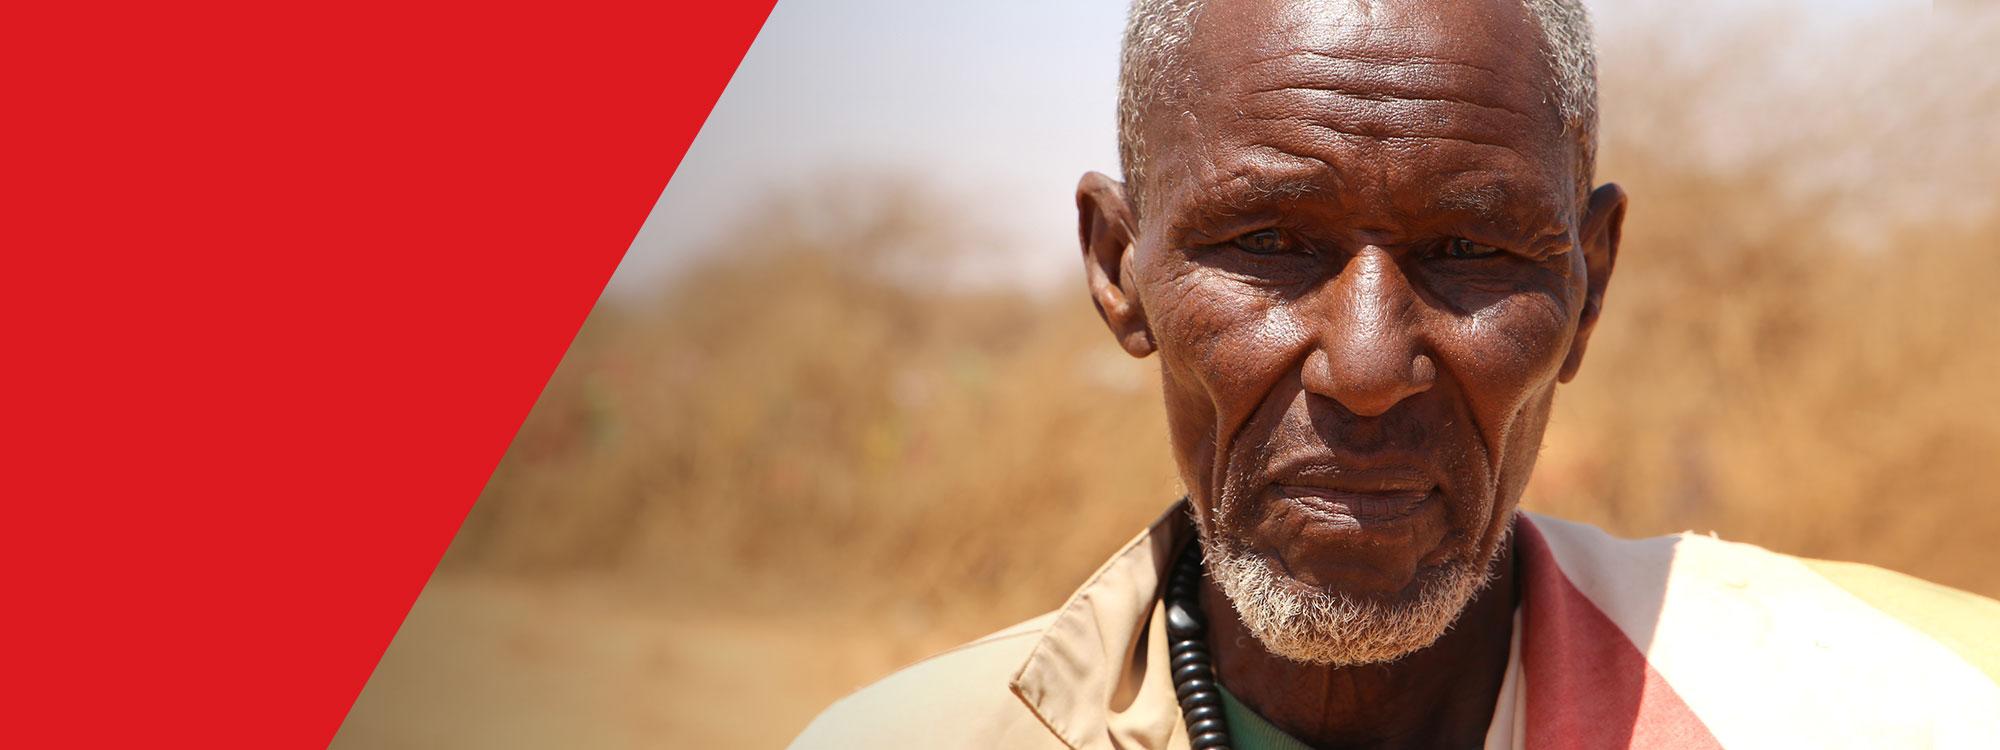 portrait of somali man